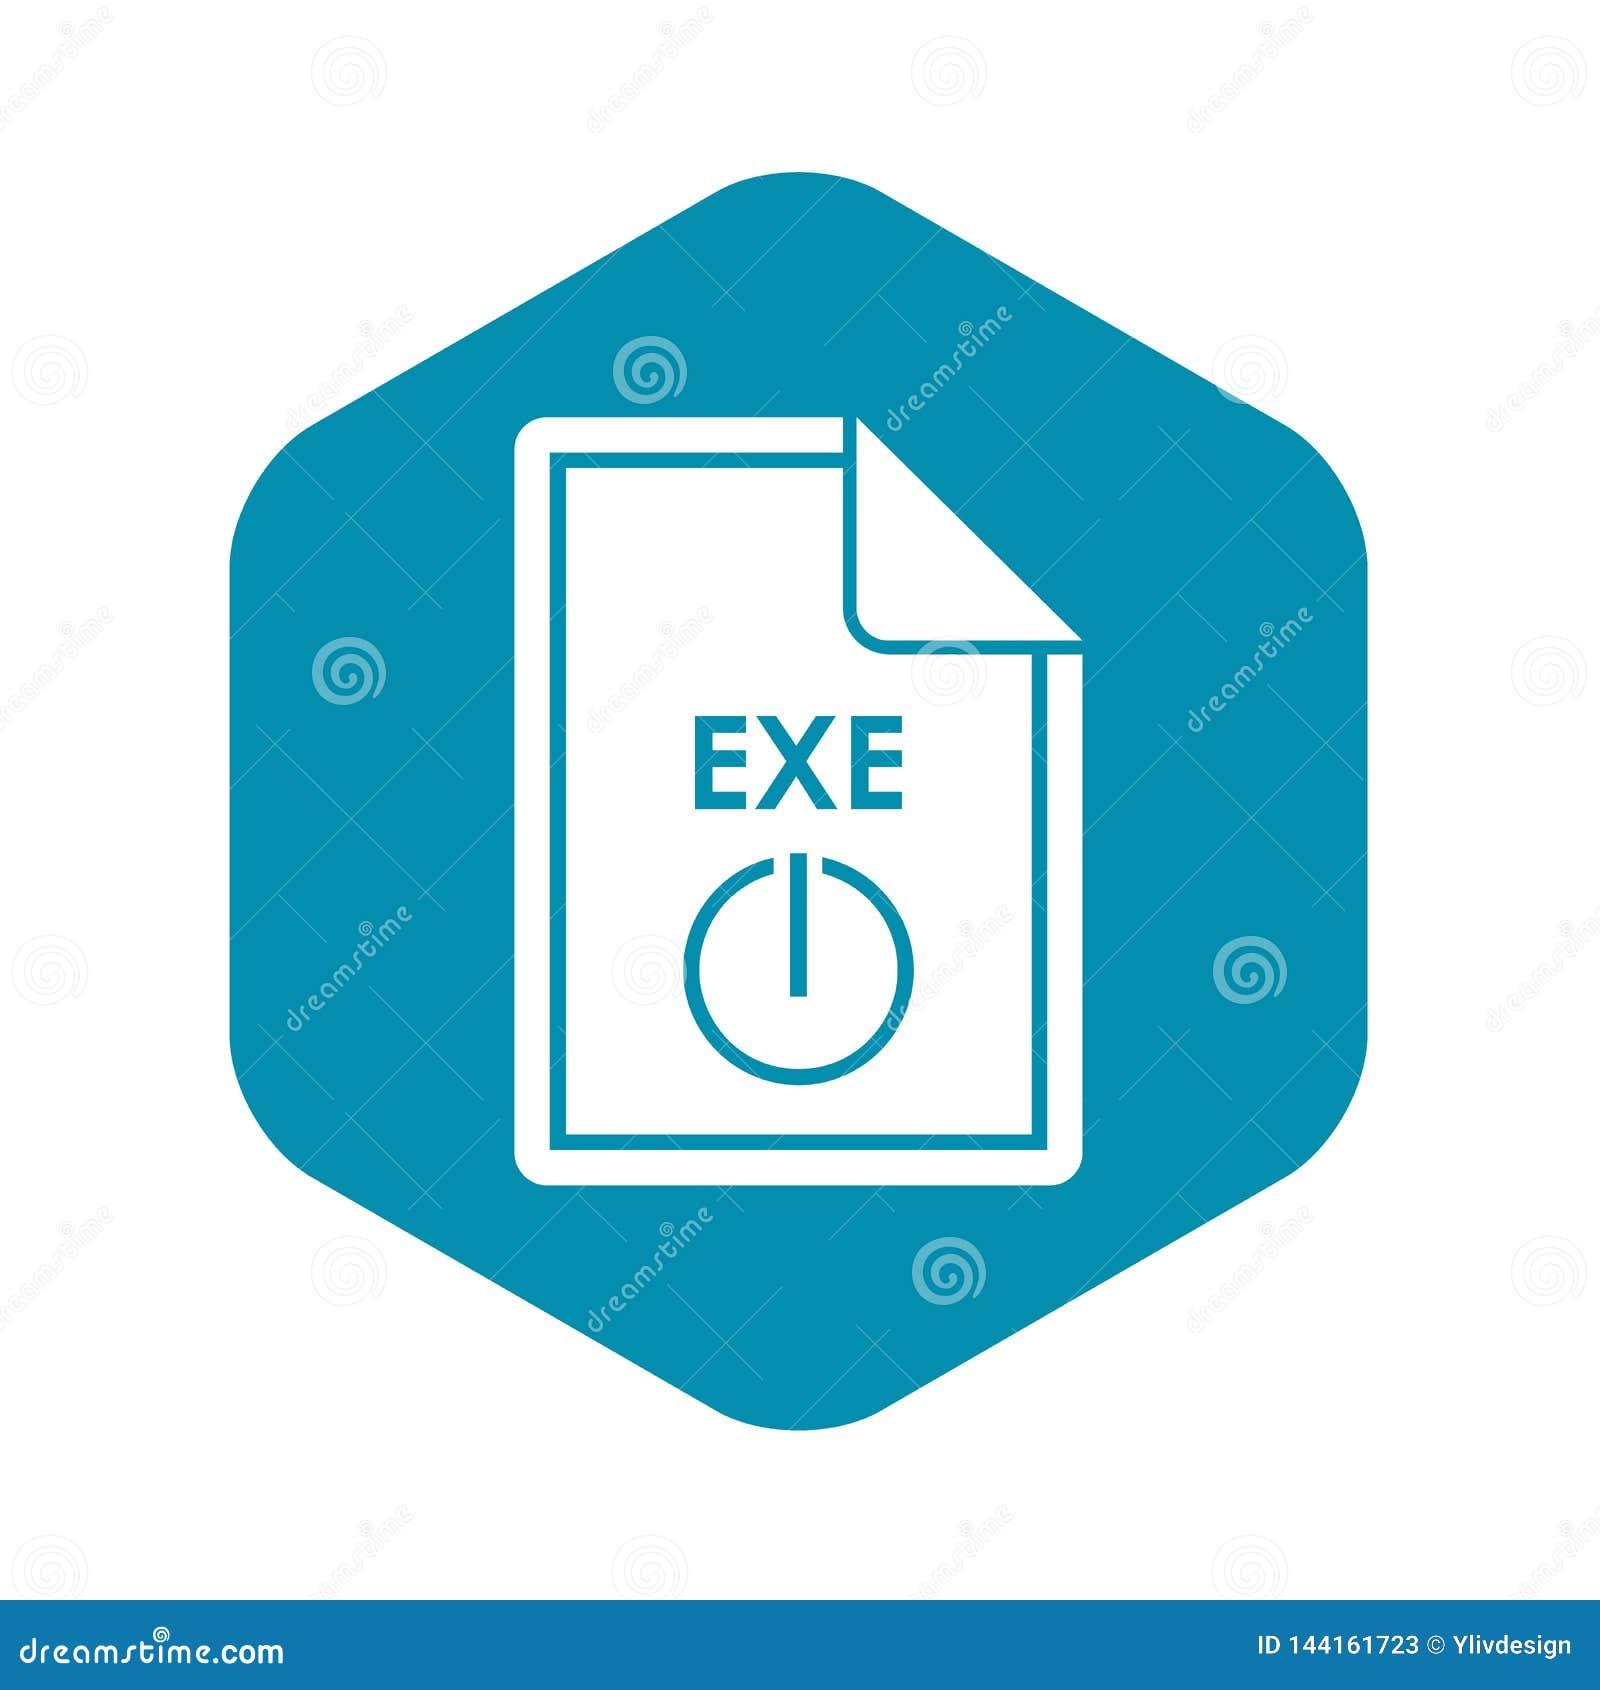 exe stock symbol